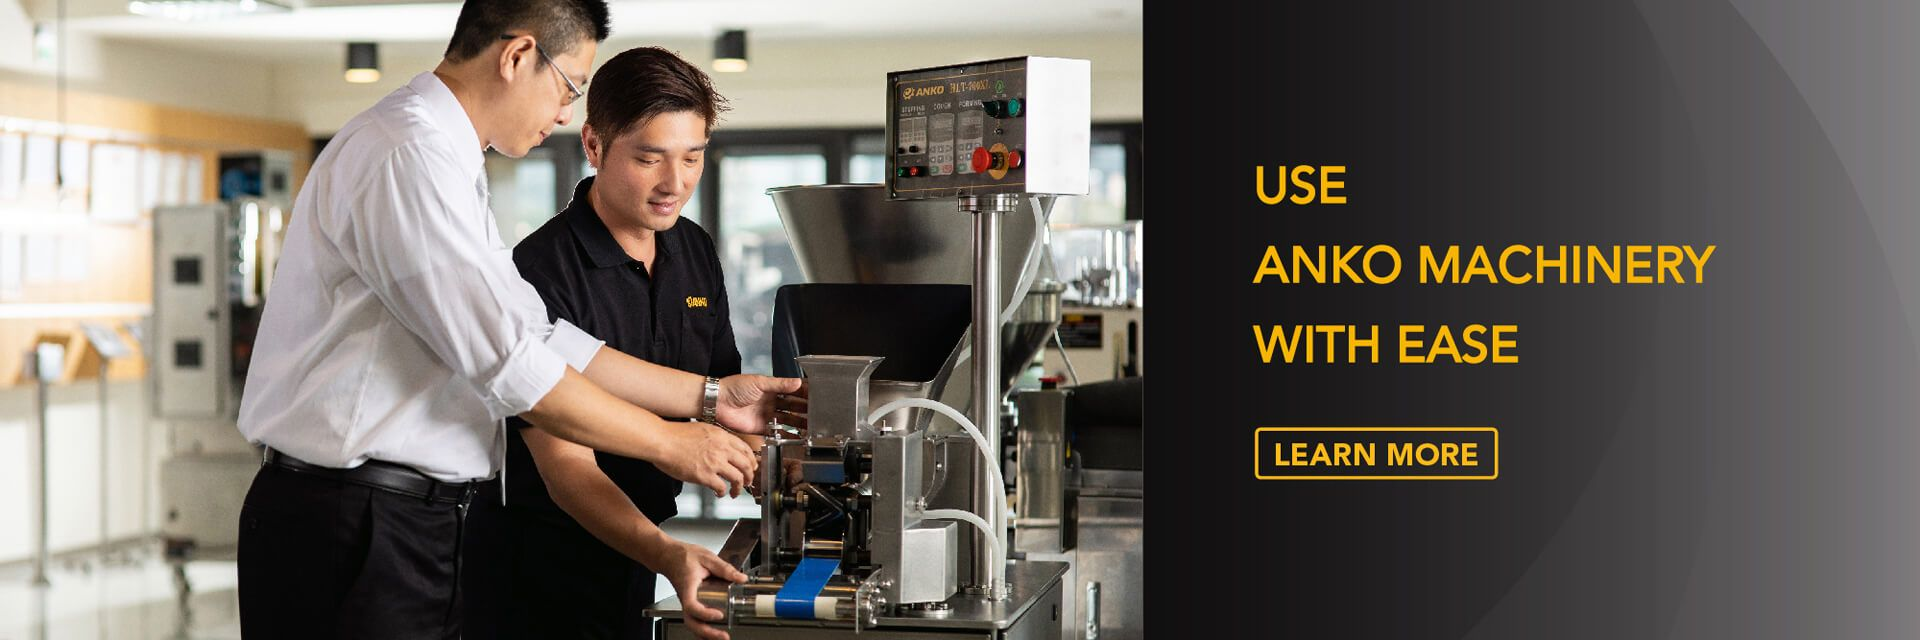 生产设备是提升生产效率的得力助手。 安口机械的友善设计在于协助使食品机械与使用者间能产生更多价值。